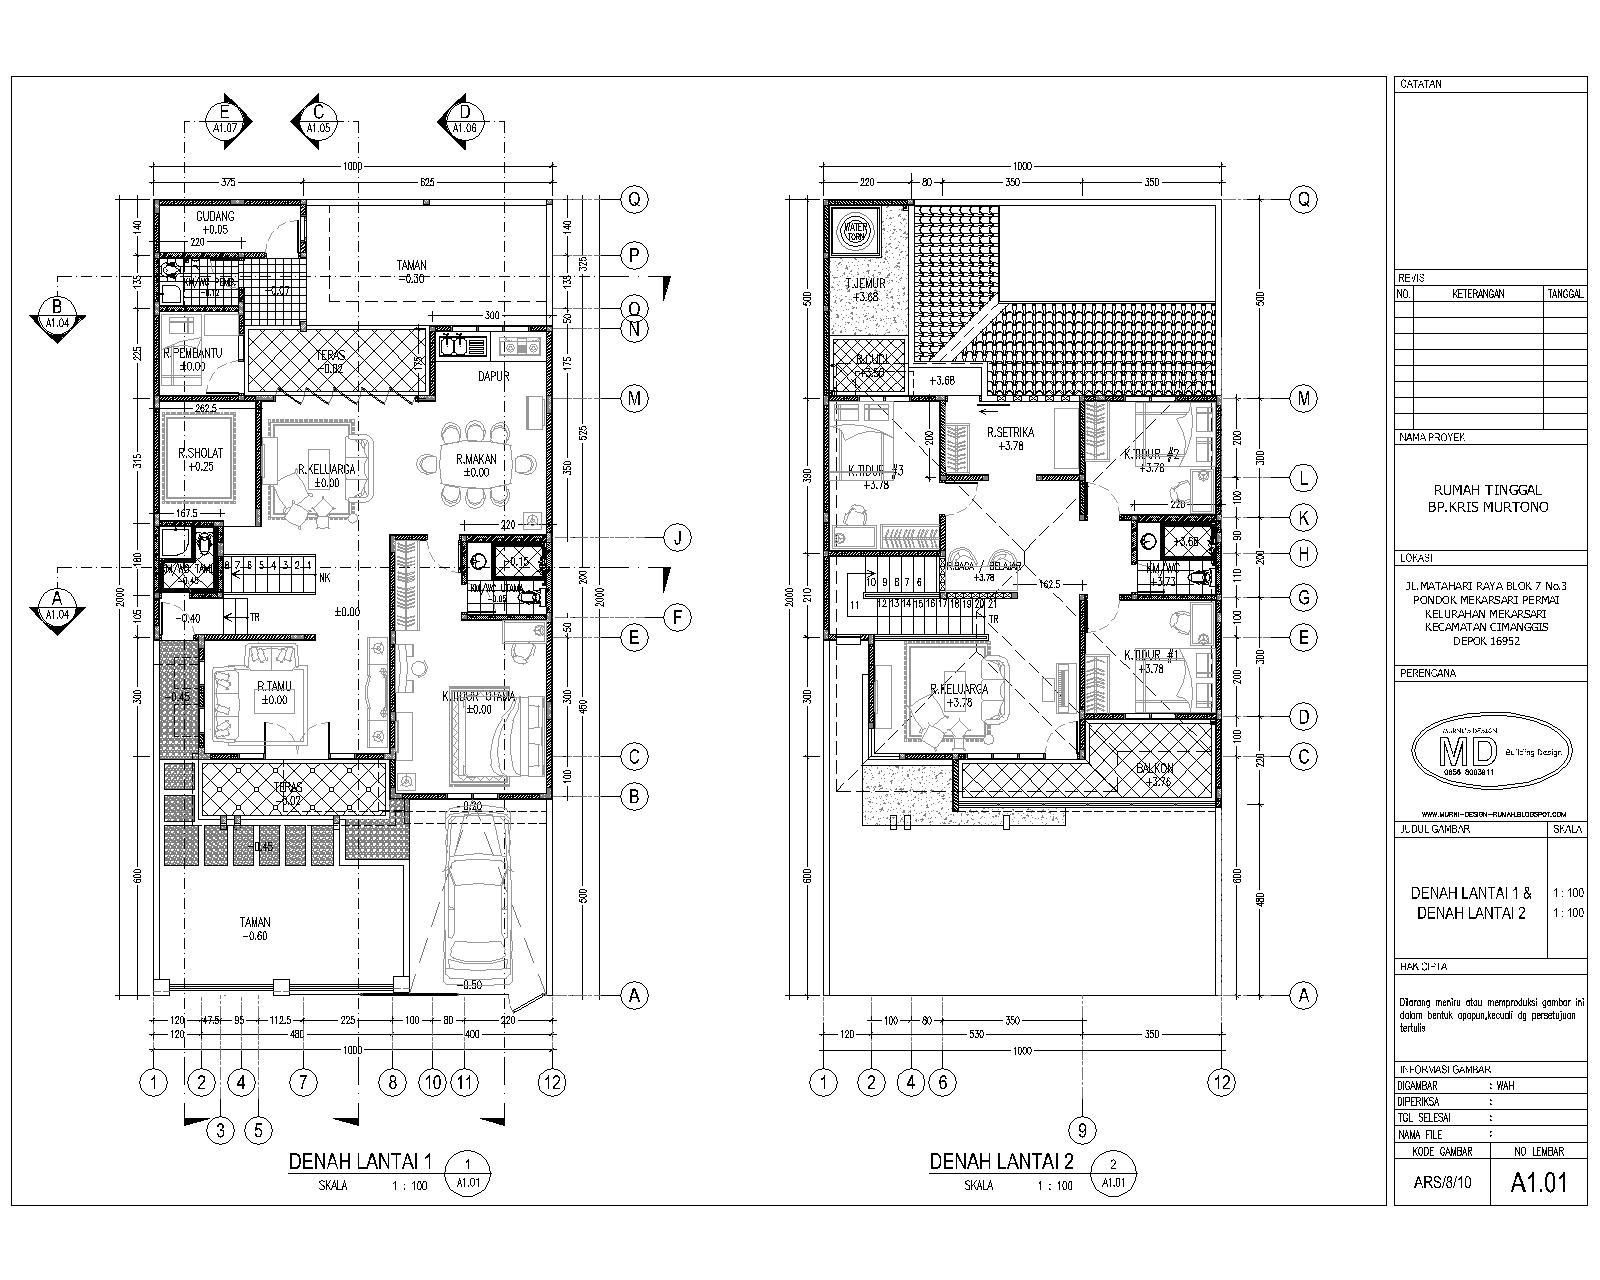 desain rumah 15rb m2 contoh gambar cad